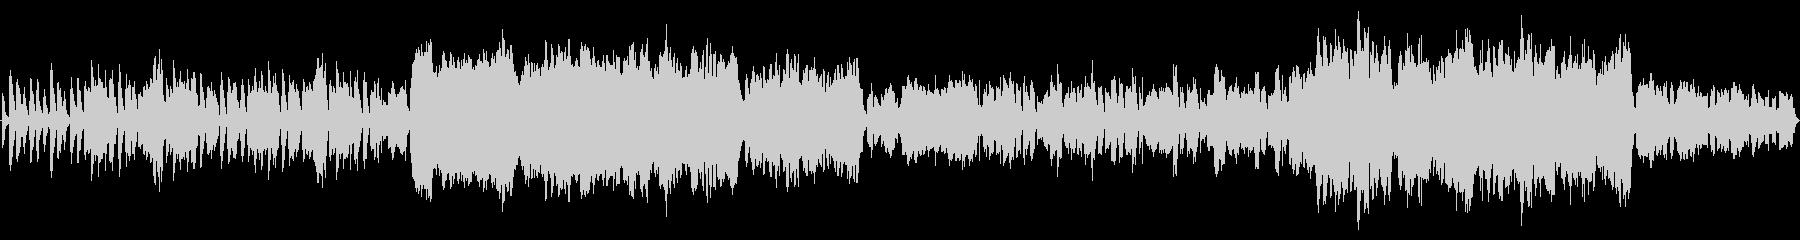 民族音楽風のBGMの未再生の波形